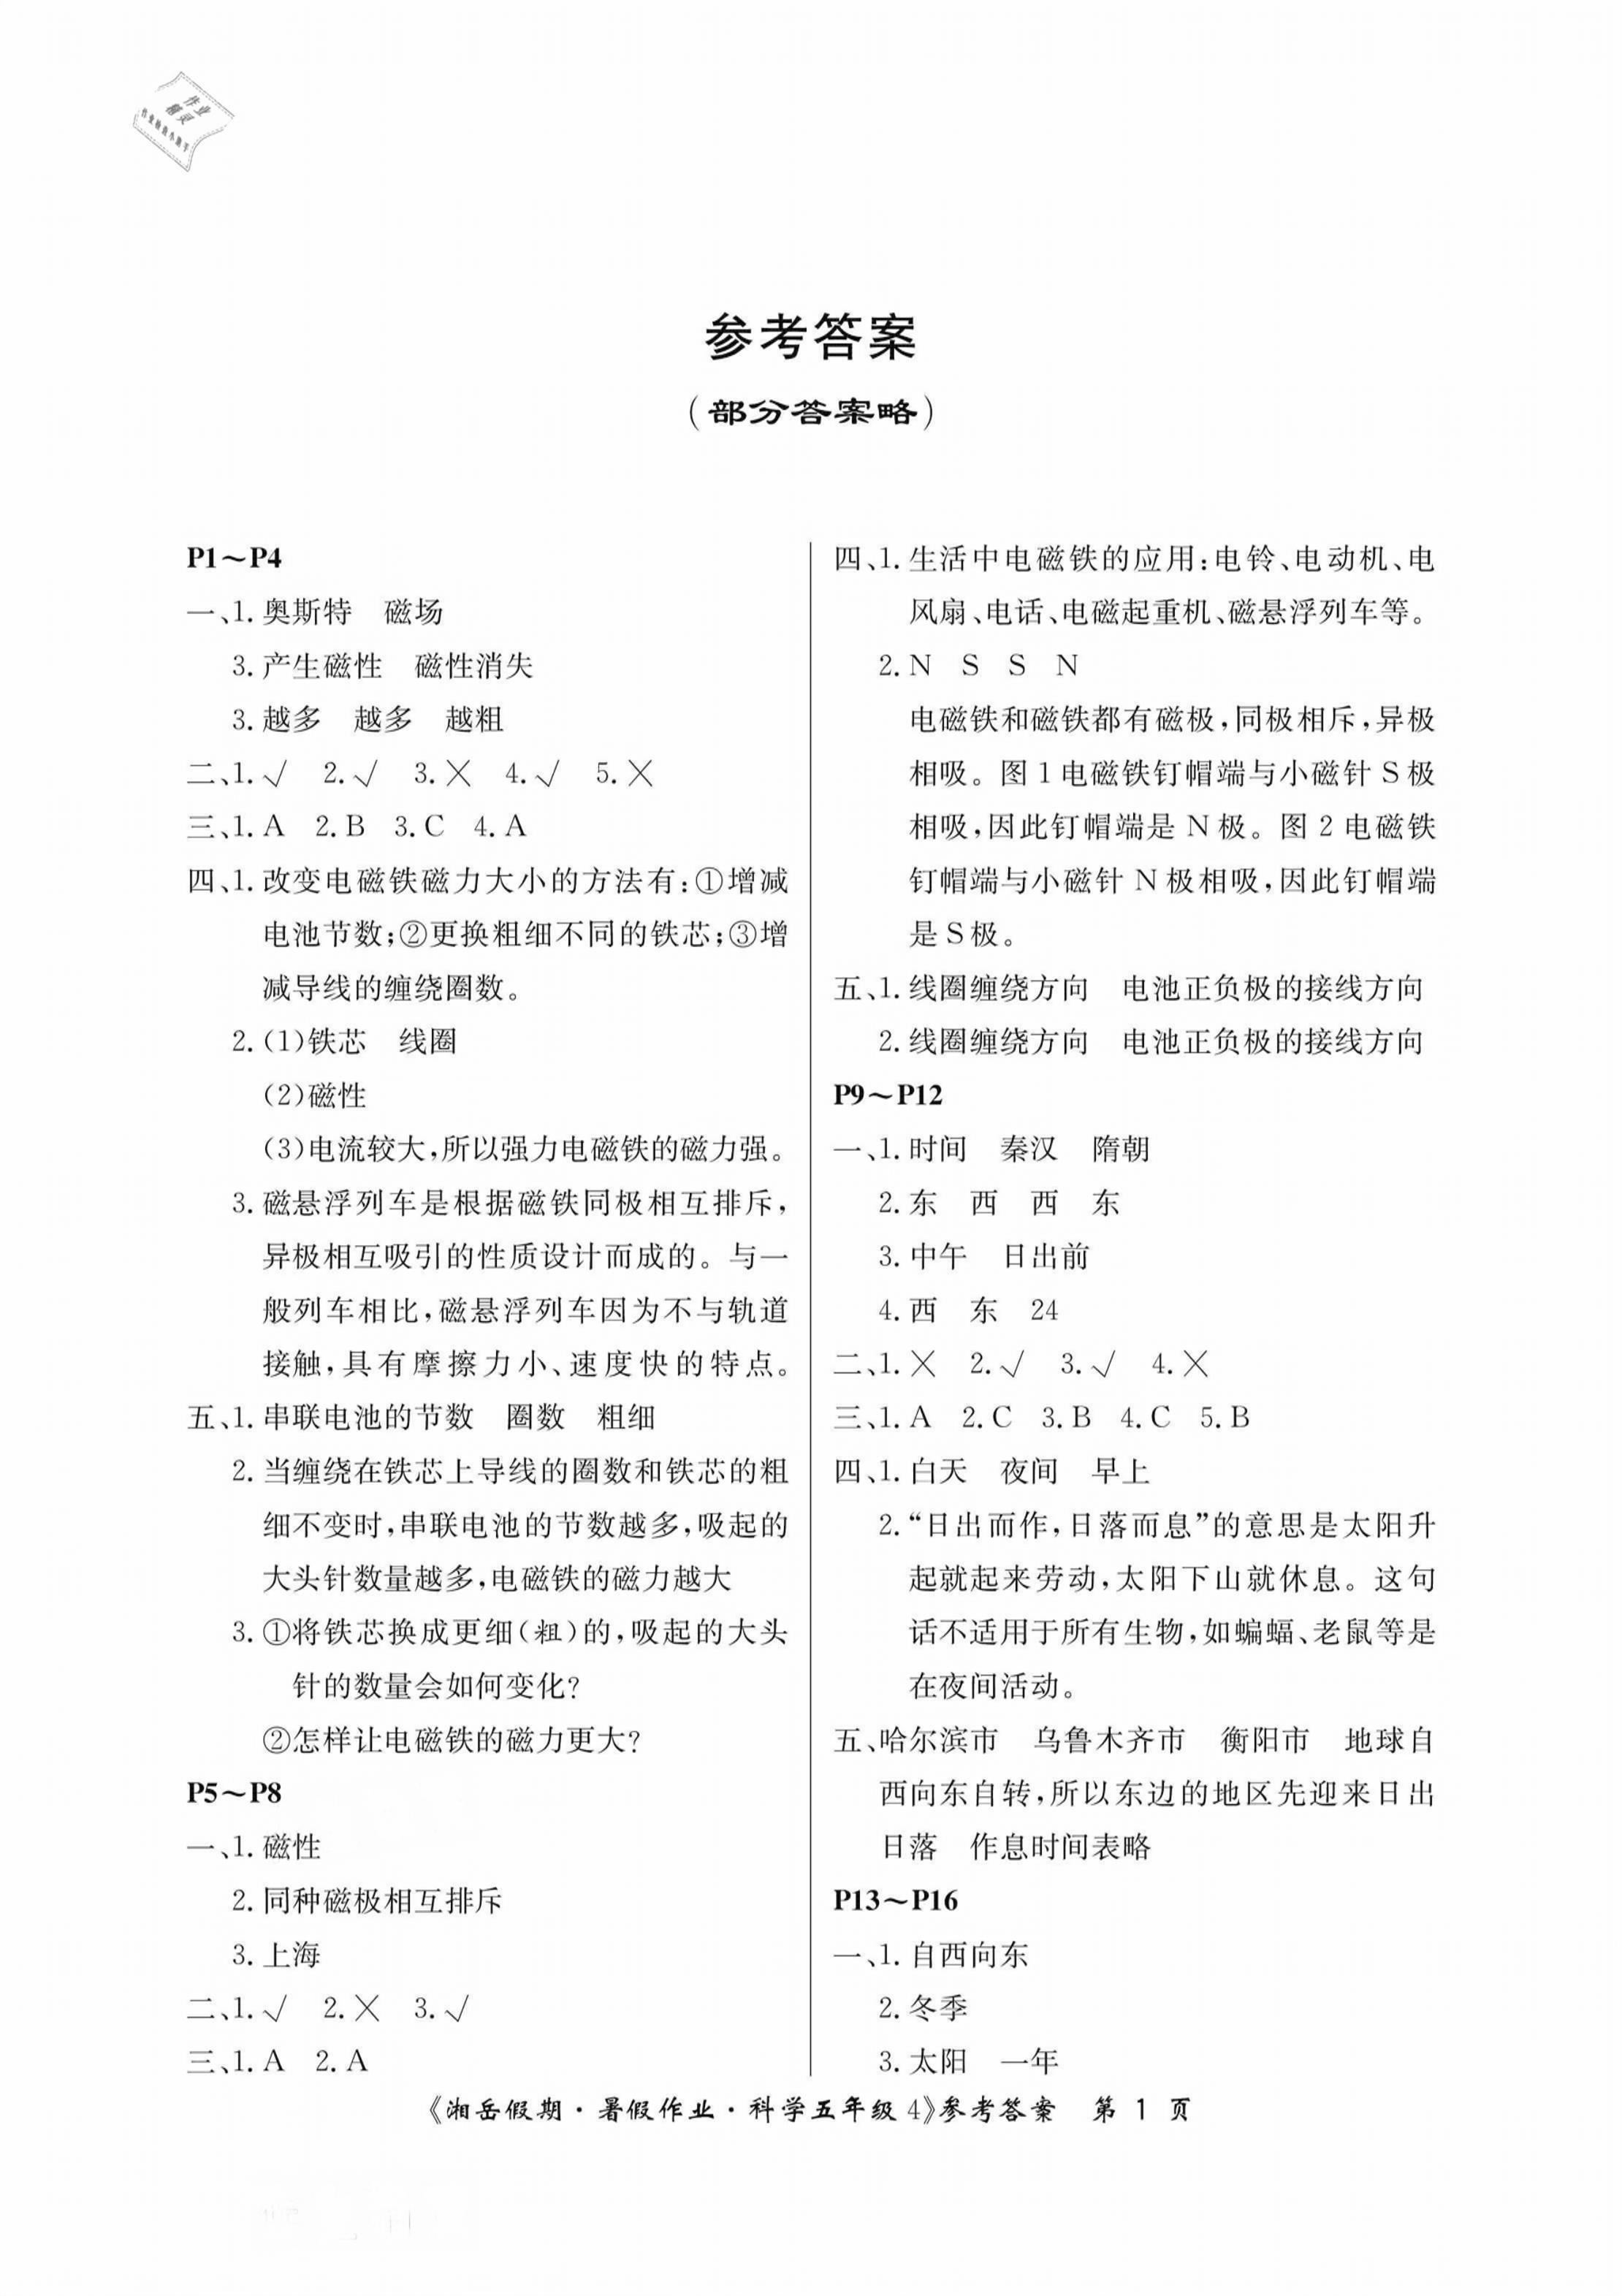 2021年湘岳假期暑假作业五年级科学湘科版湖南大学出版社